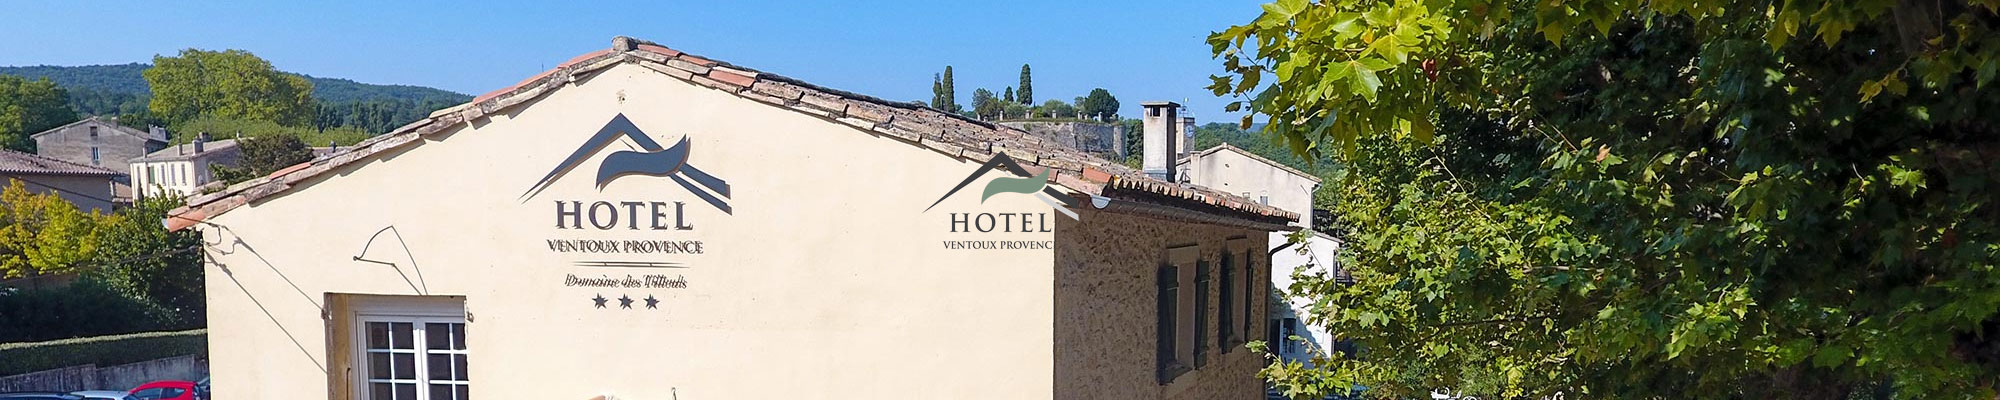 Hôtel Ventoux Provence